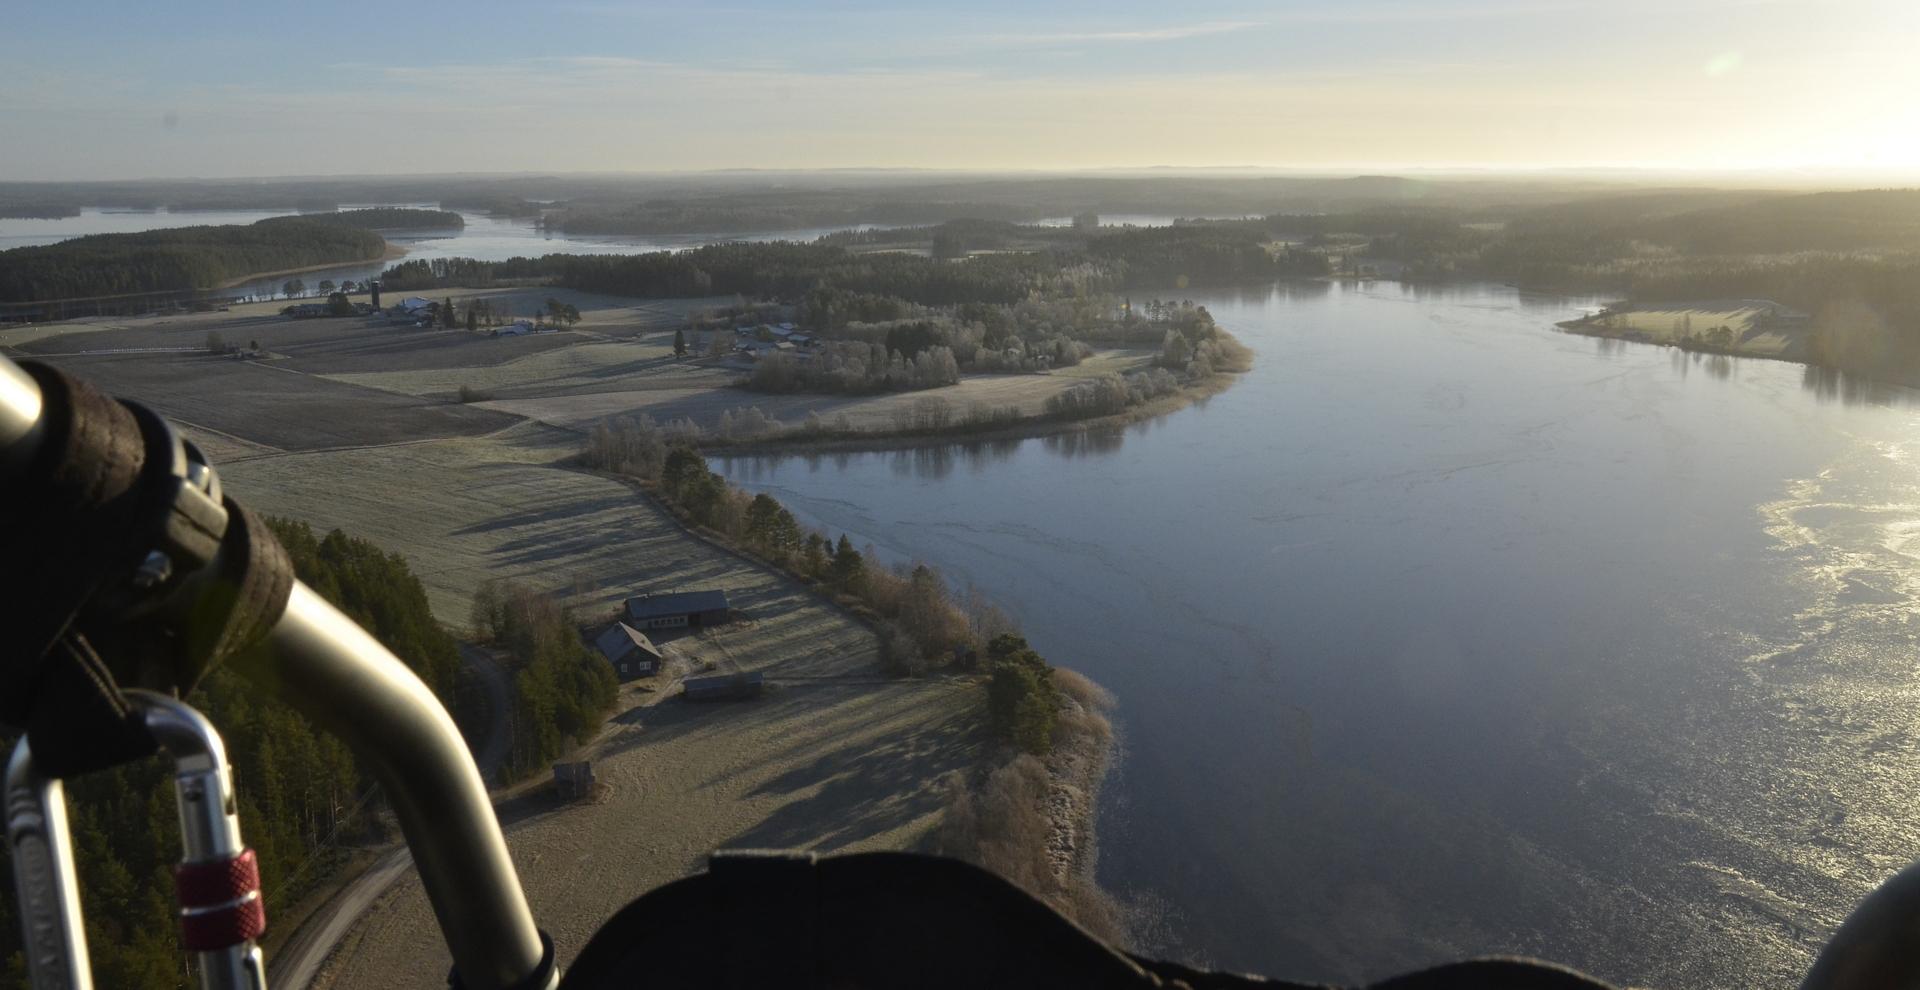 Tämä lento oli 19.11.2018 kun jäitäkin oli jo tullut järviin. Tavoitteena nyt käydä Viitasaaren kirkolla ja tutkailla jäätilannetta. Startti taas Pasalasta.